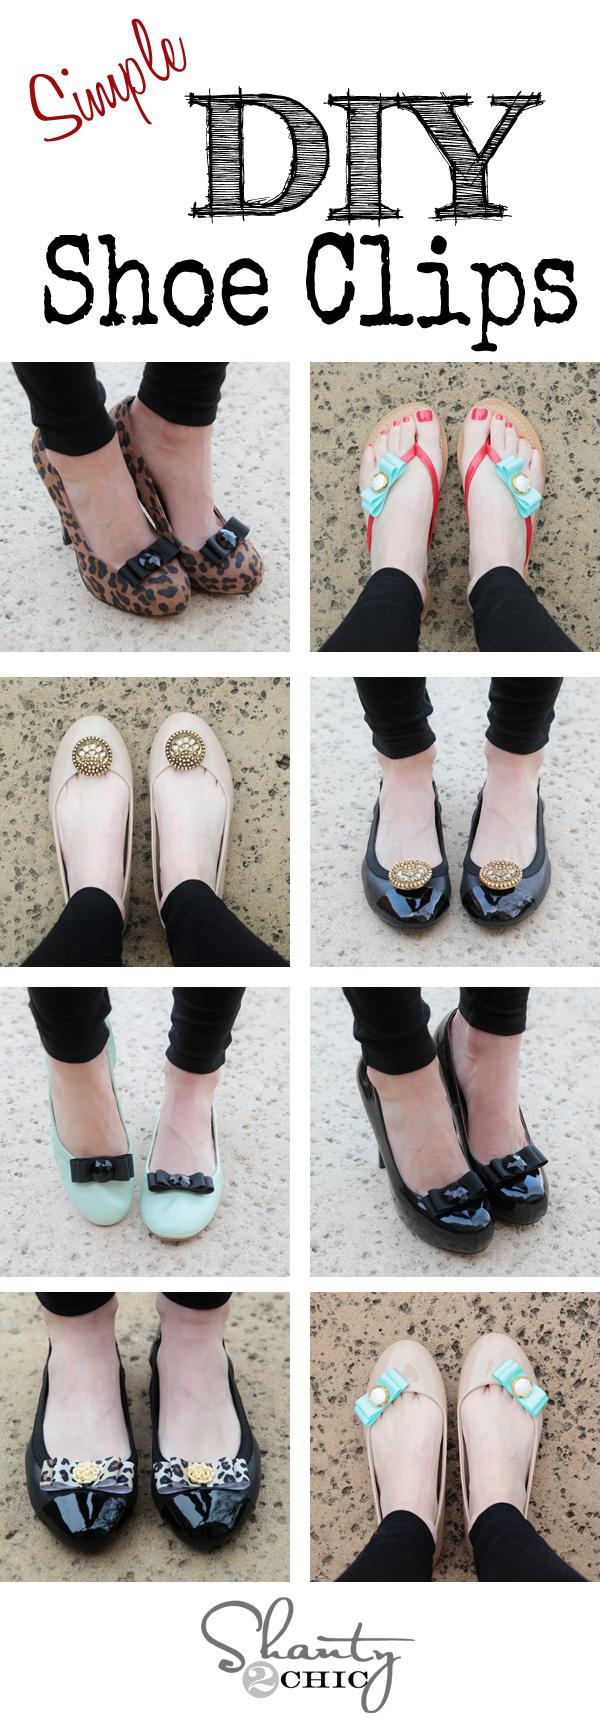 Shoe Clips Pinterest